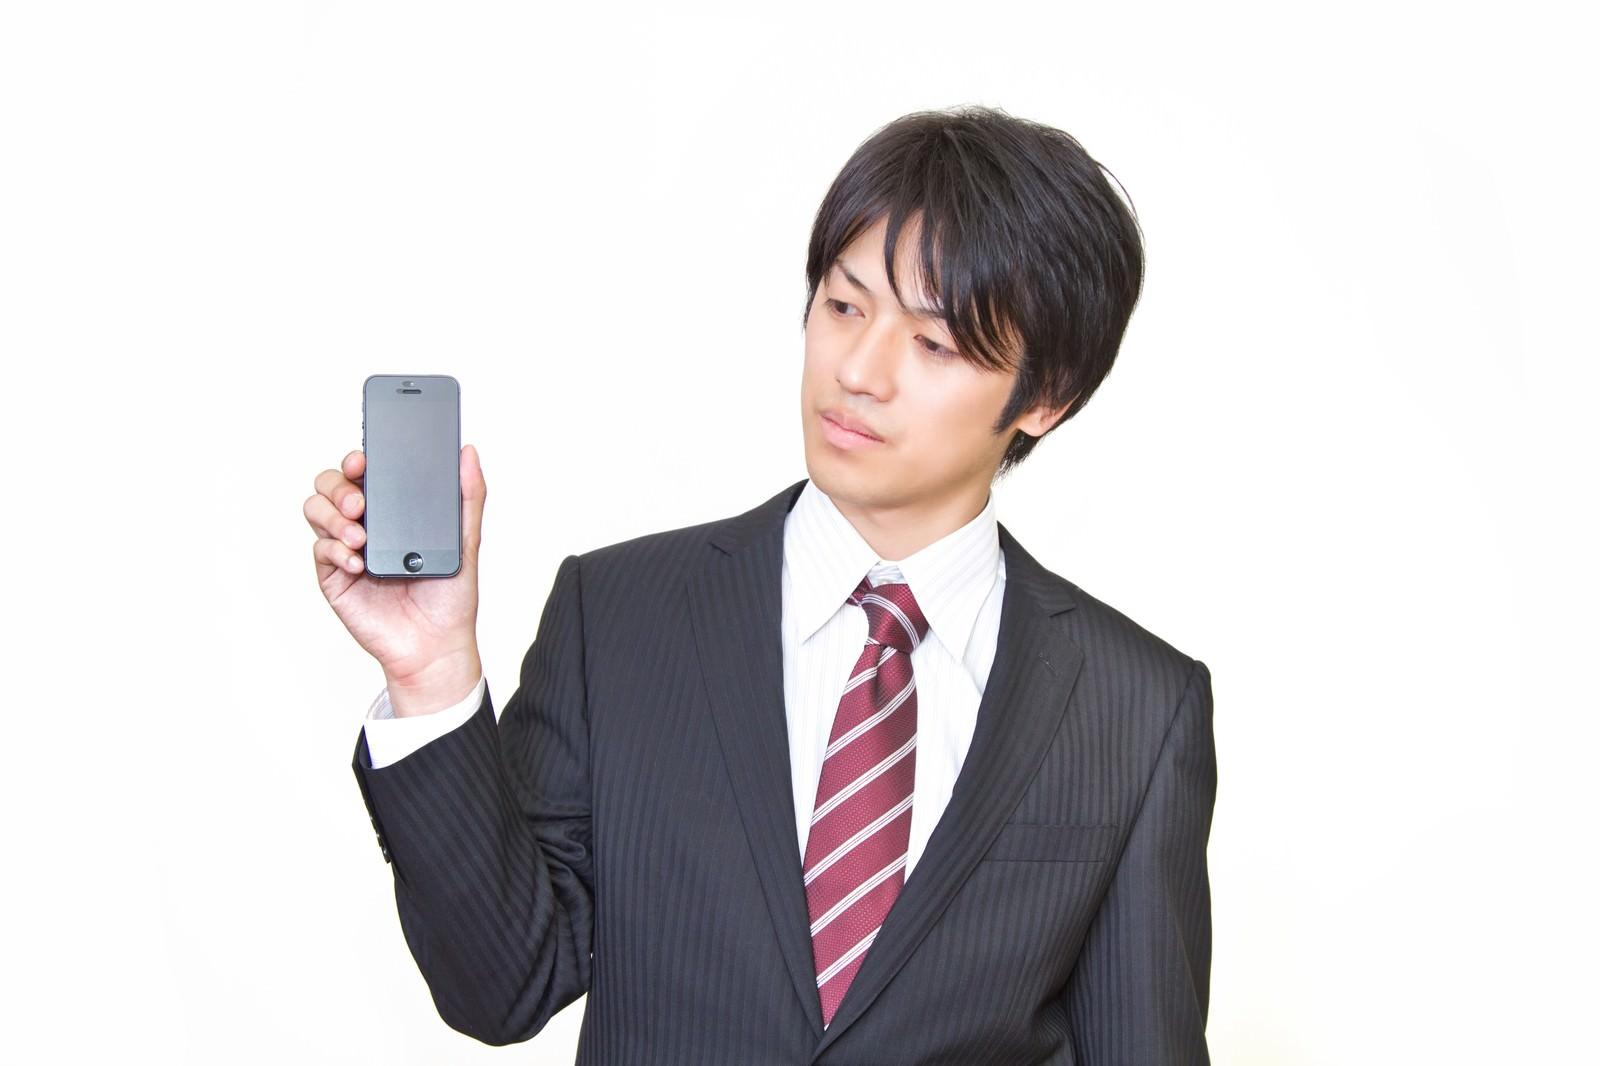 「世代前のスマートフォンを手に持つサラリーマン世代前のスマートフォンを手に持つサラリーマン」[モデル:Tsuyoshi.]のフリー写真素材を拡大